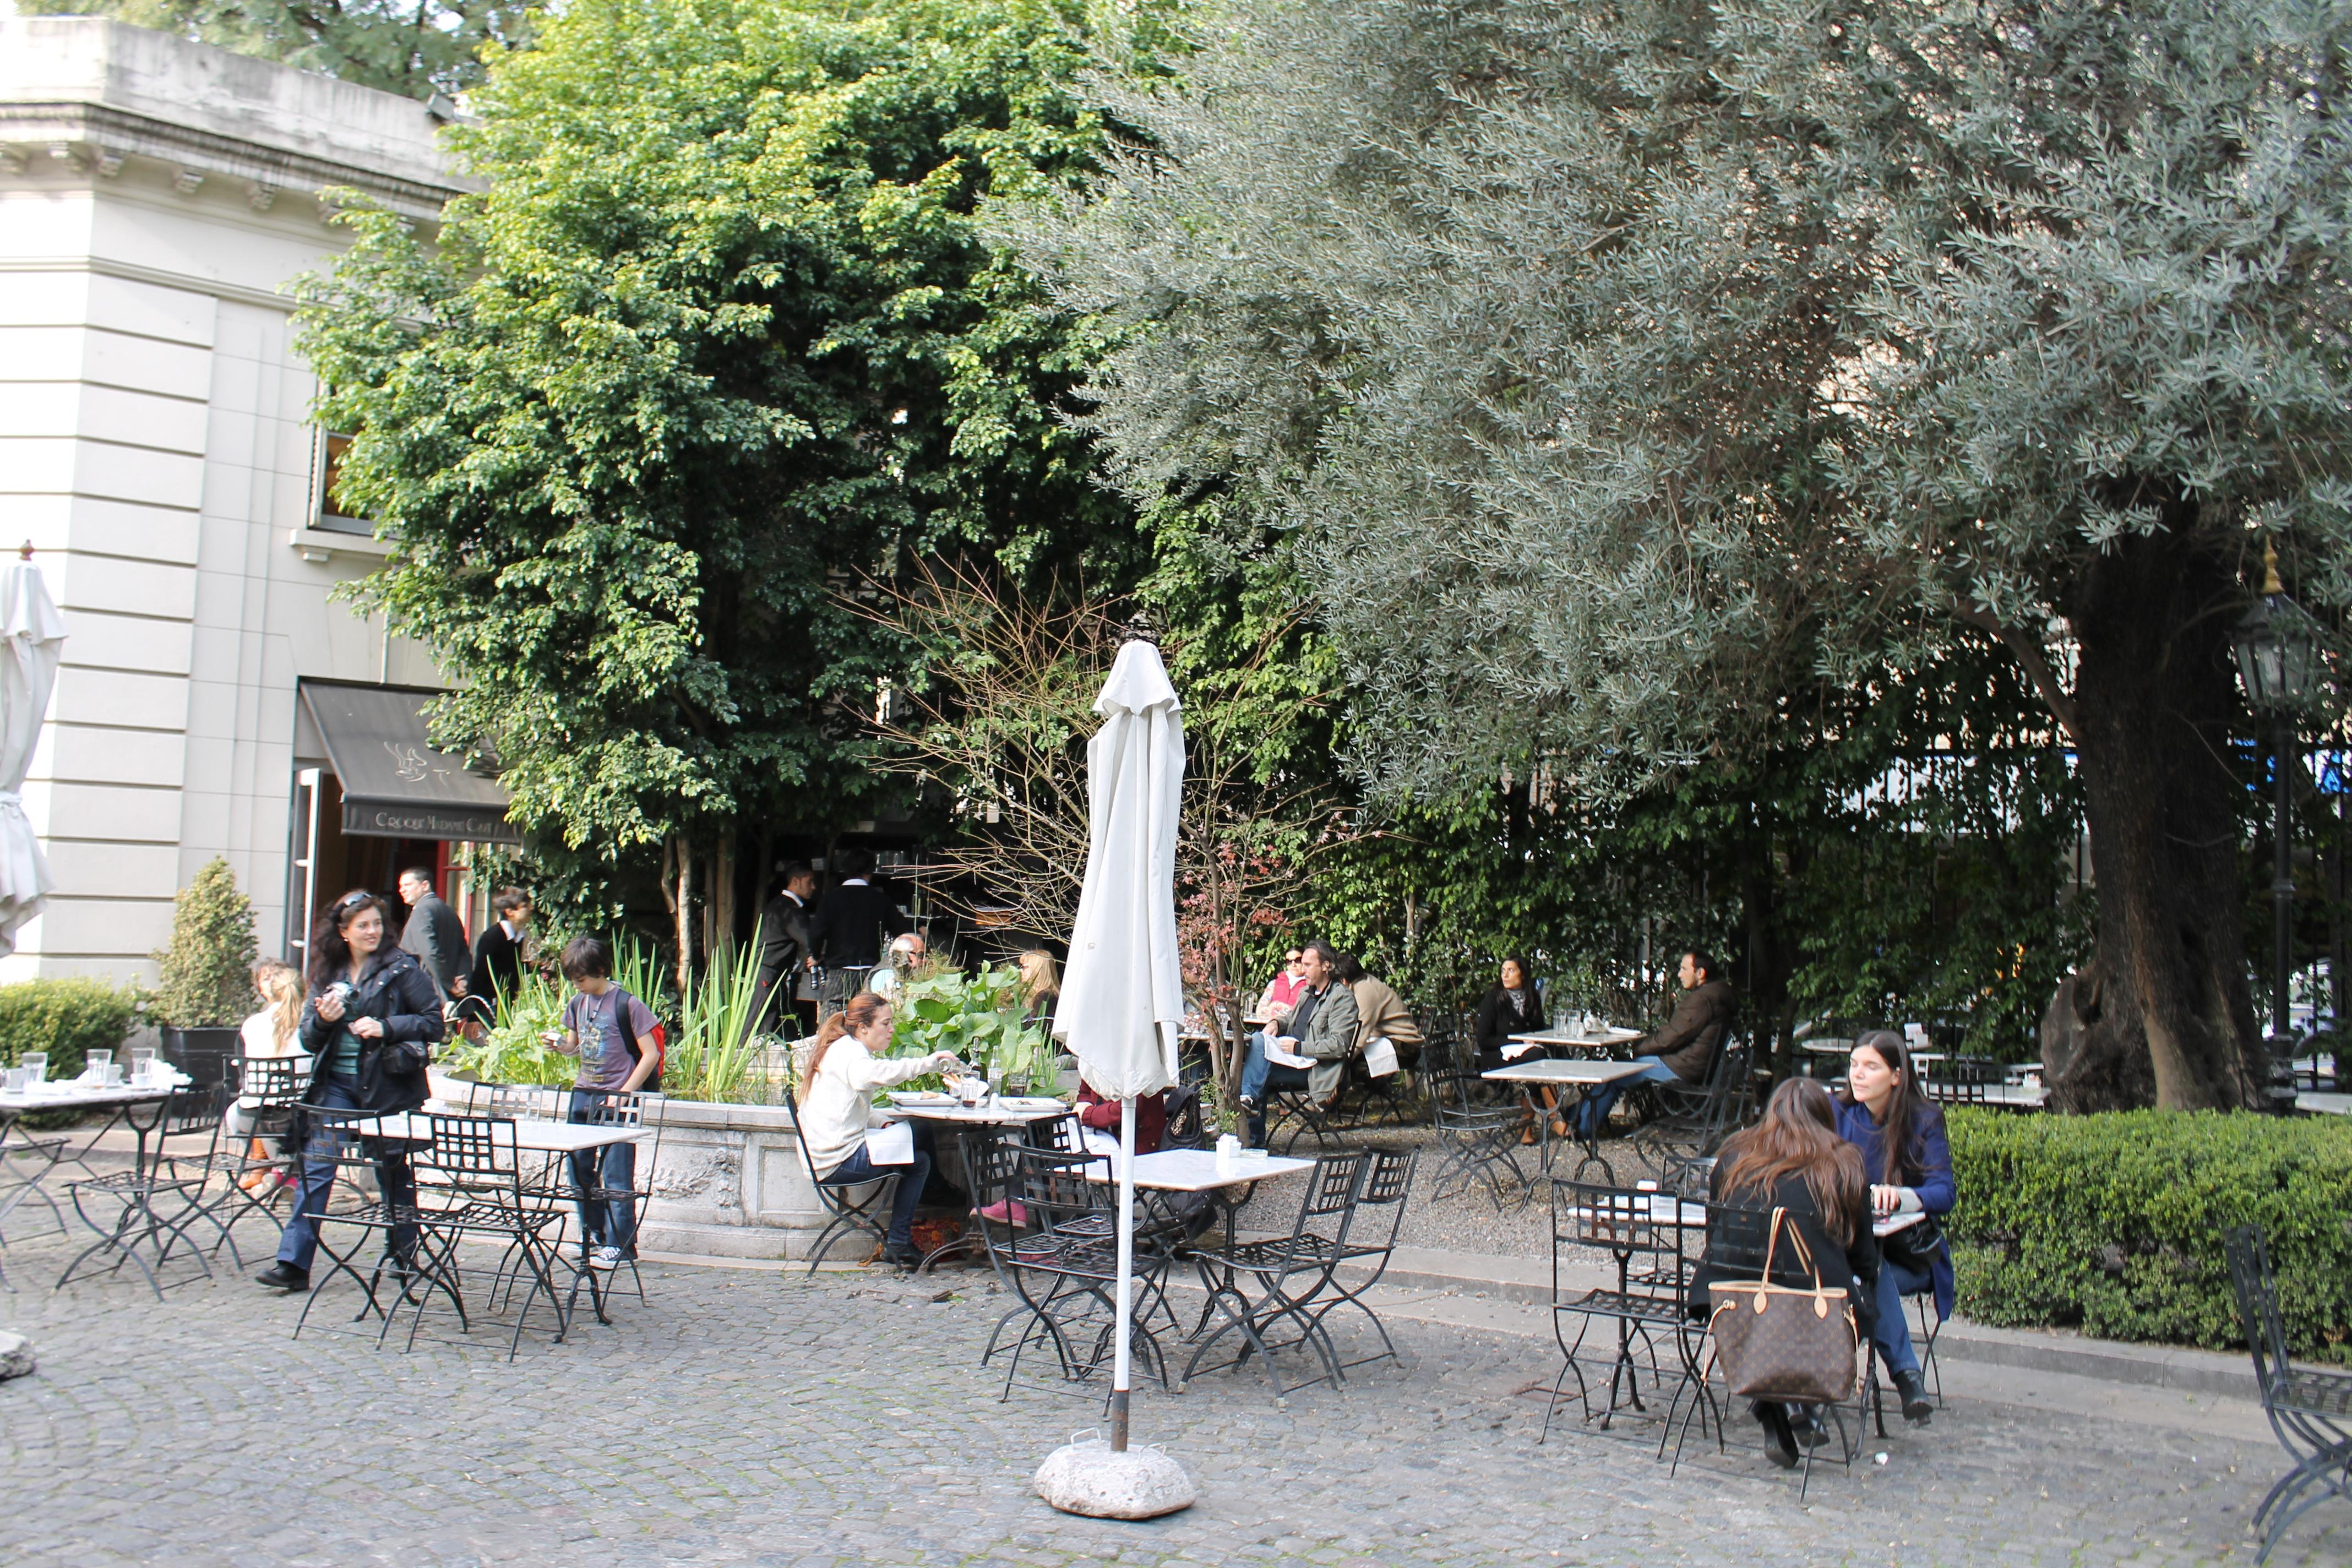 Cafe De Arte Manipal Menu